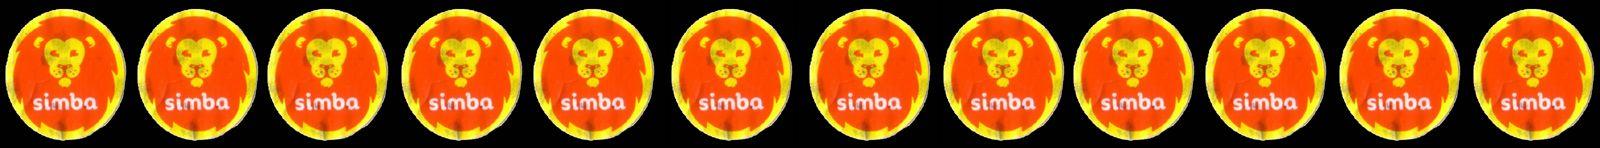 Etiquette_Simba